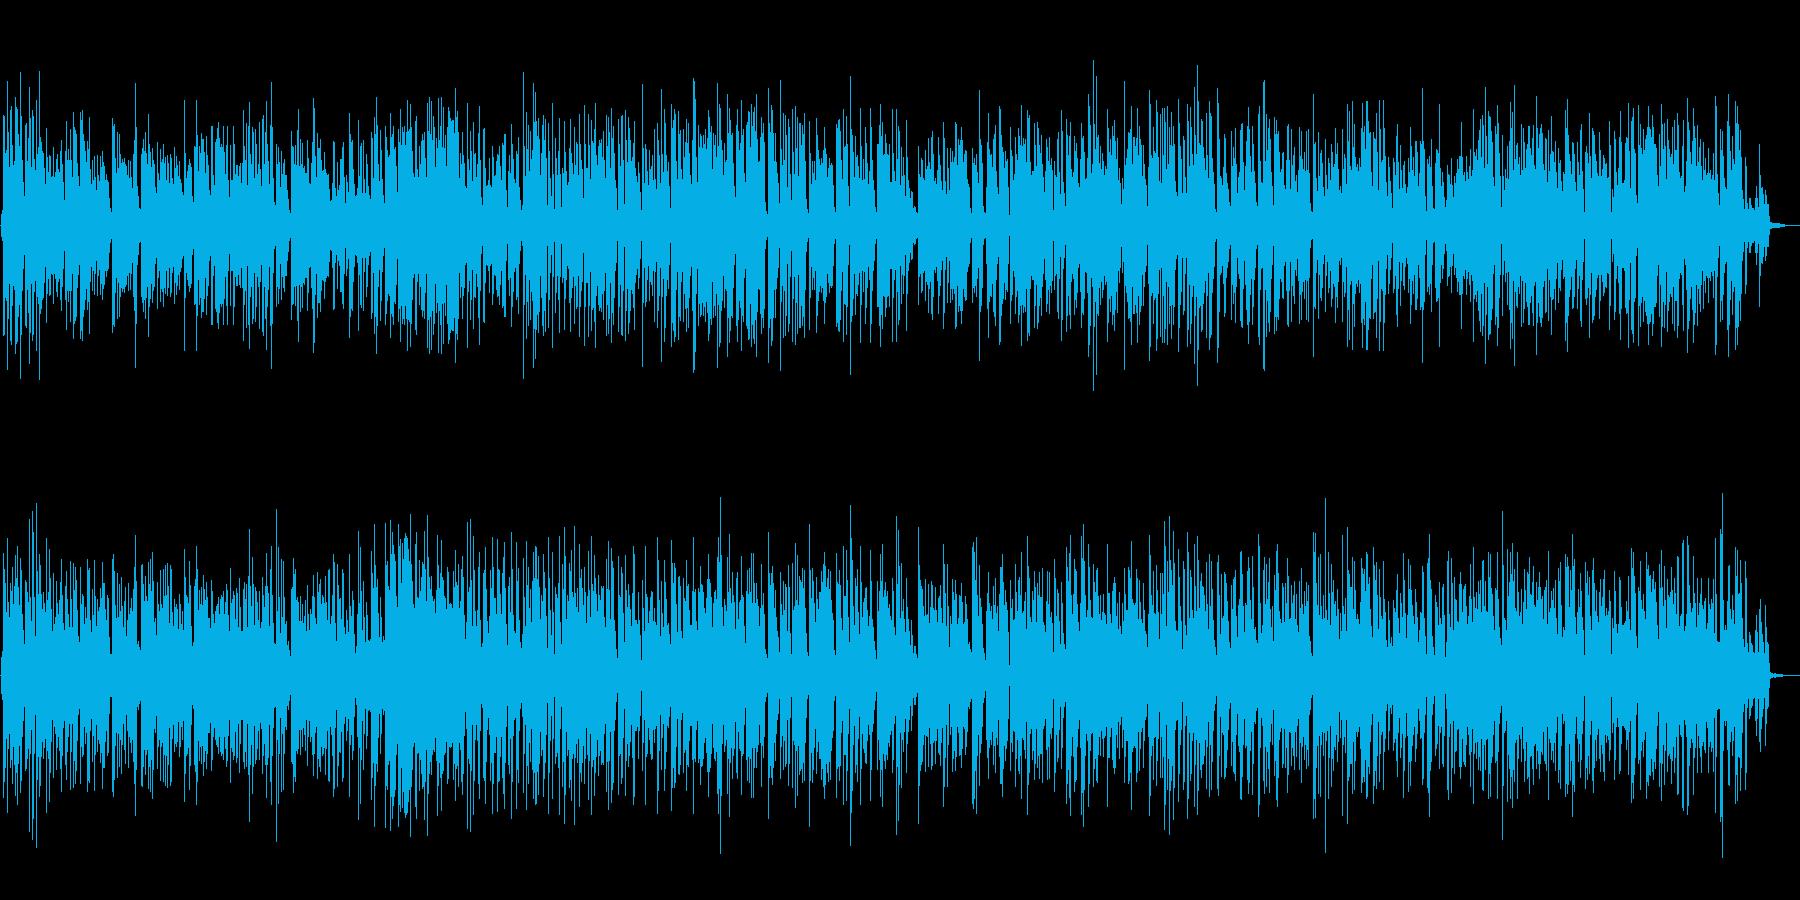 控えめなノリでオシャレなピアノBGMの再生済みの波形